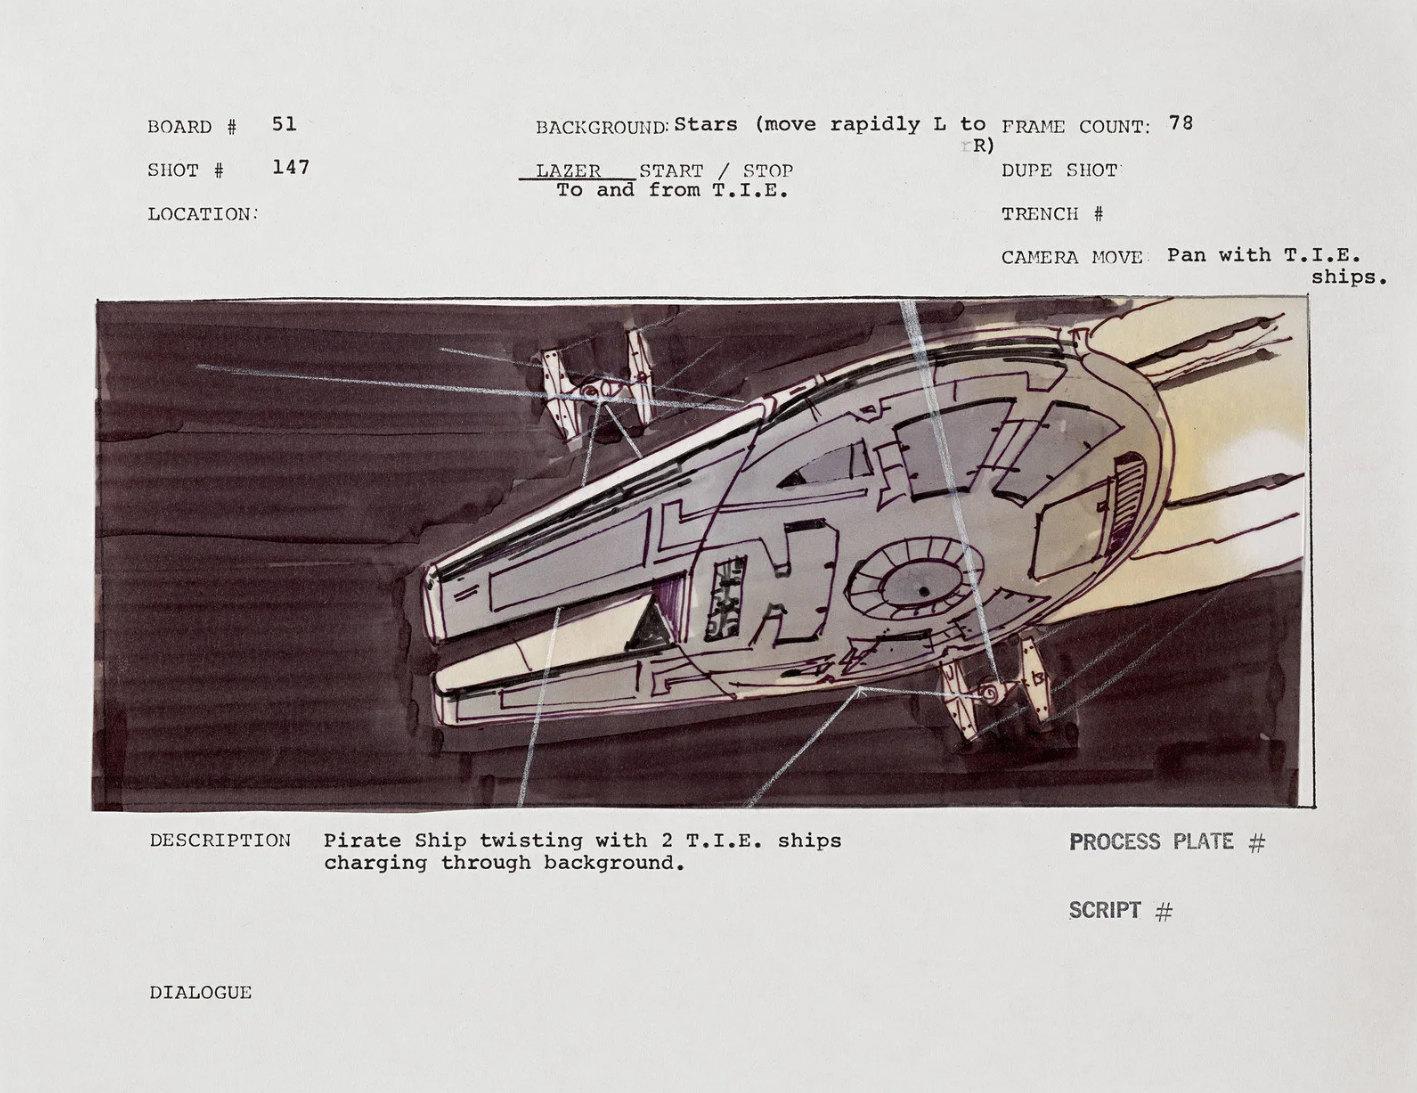 «Звездные войны» (1977): Эта схема создана наоснове архивных материалов Второй мировой войны, которые усовершенствовал Джордж Лукас. Джо Джонстон: «Основой этого кадра были пара немецких истребителей, которые стреляли побомбардировщику, инаш вариант получился очень близким коригиналу».